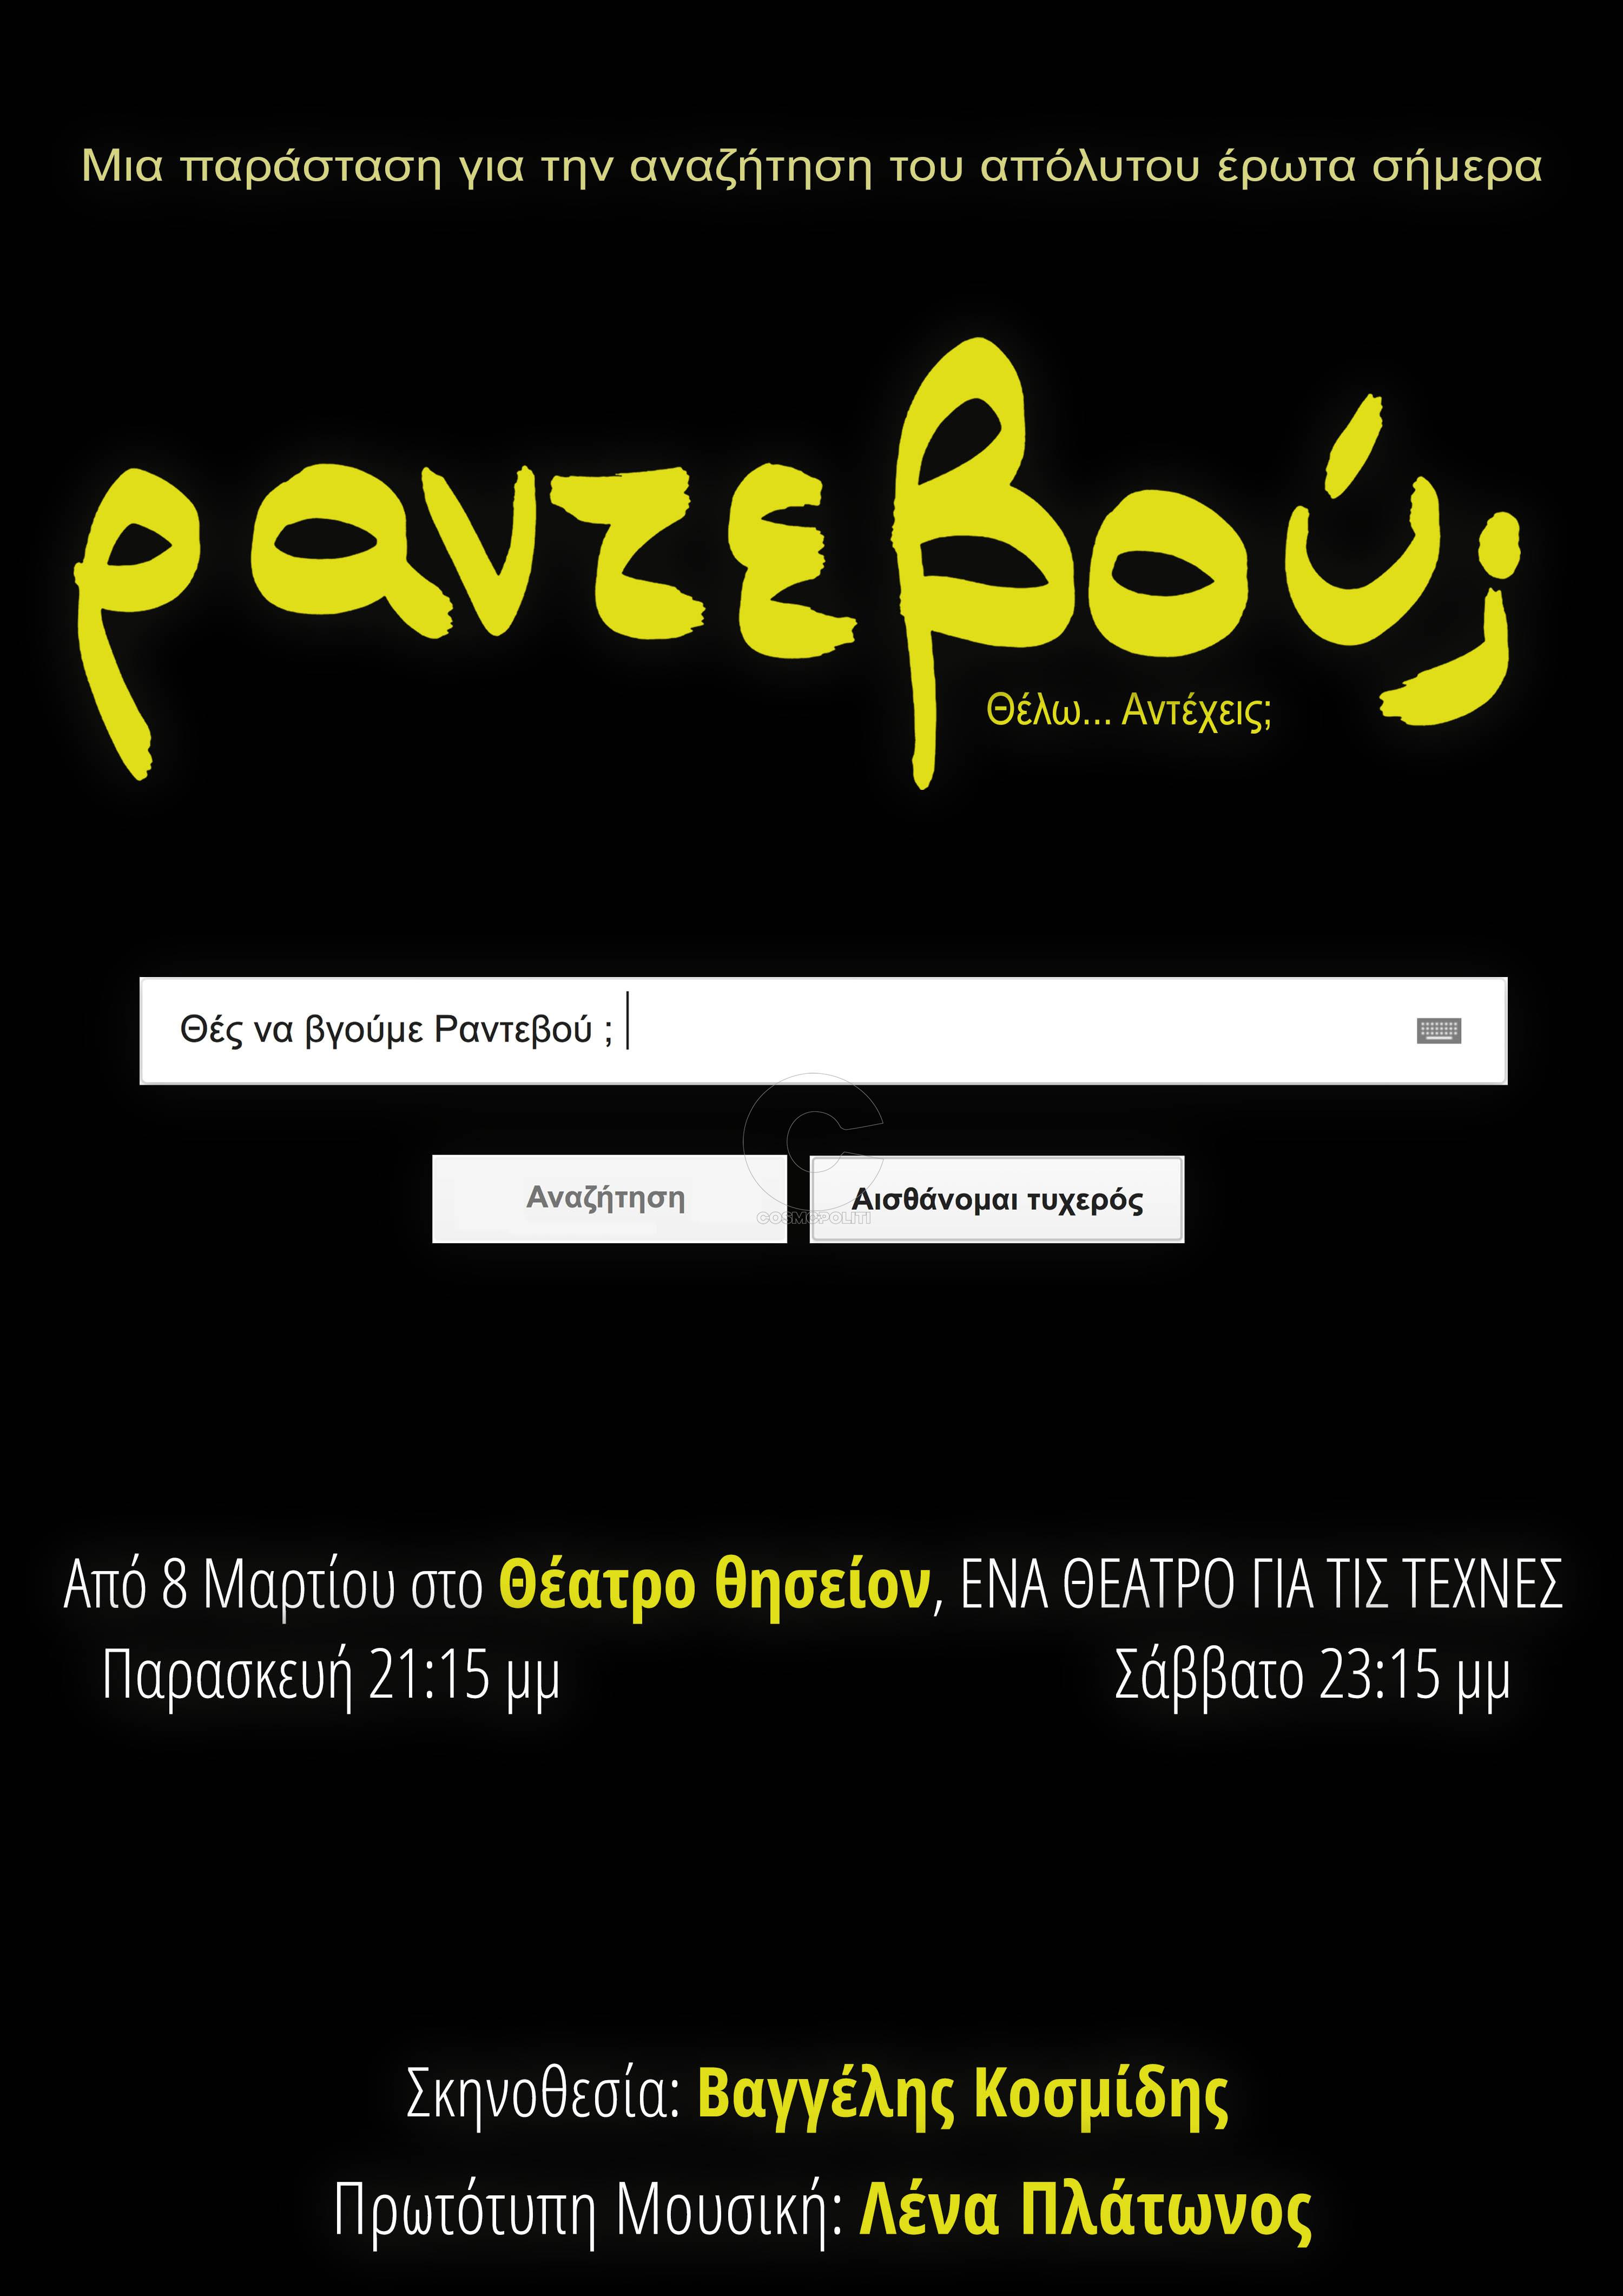 Αντίγραφο του rantevou parap4